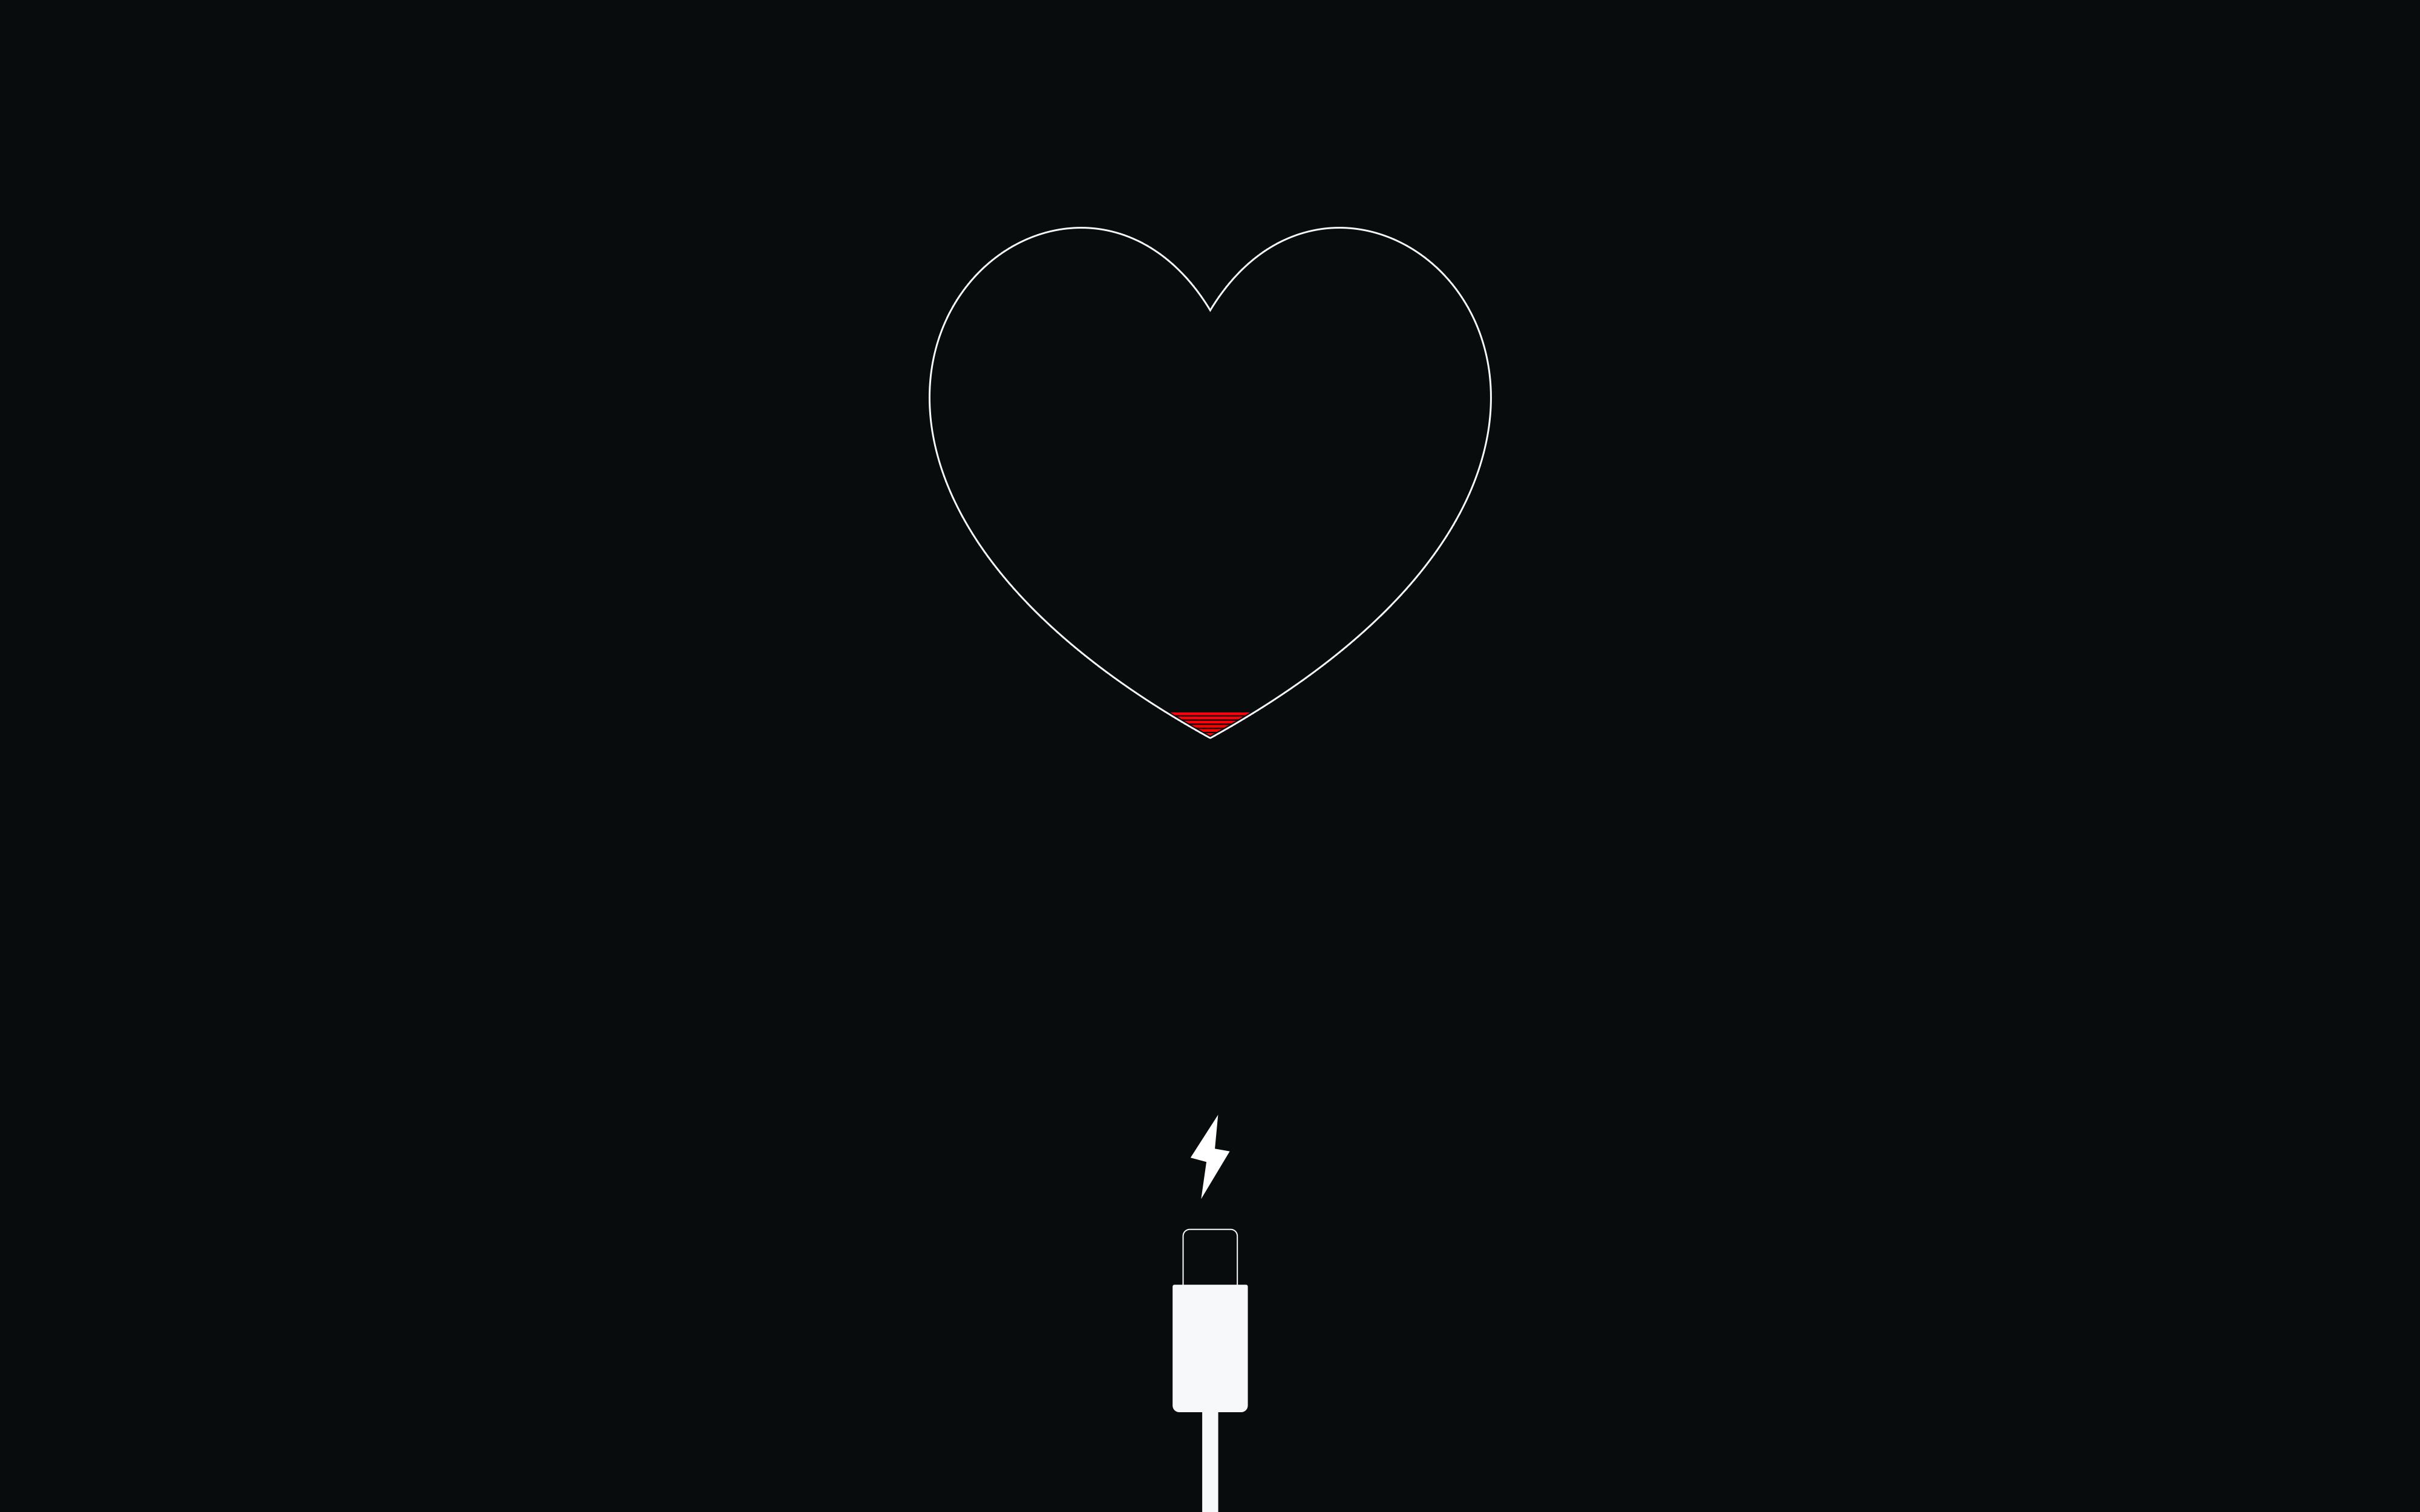 Sfondi Minimalismo Amore Cuore Fulmine Cerchio I Phone